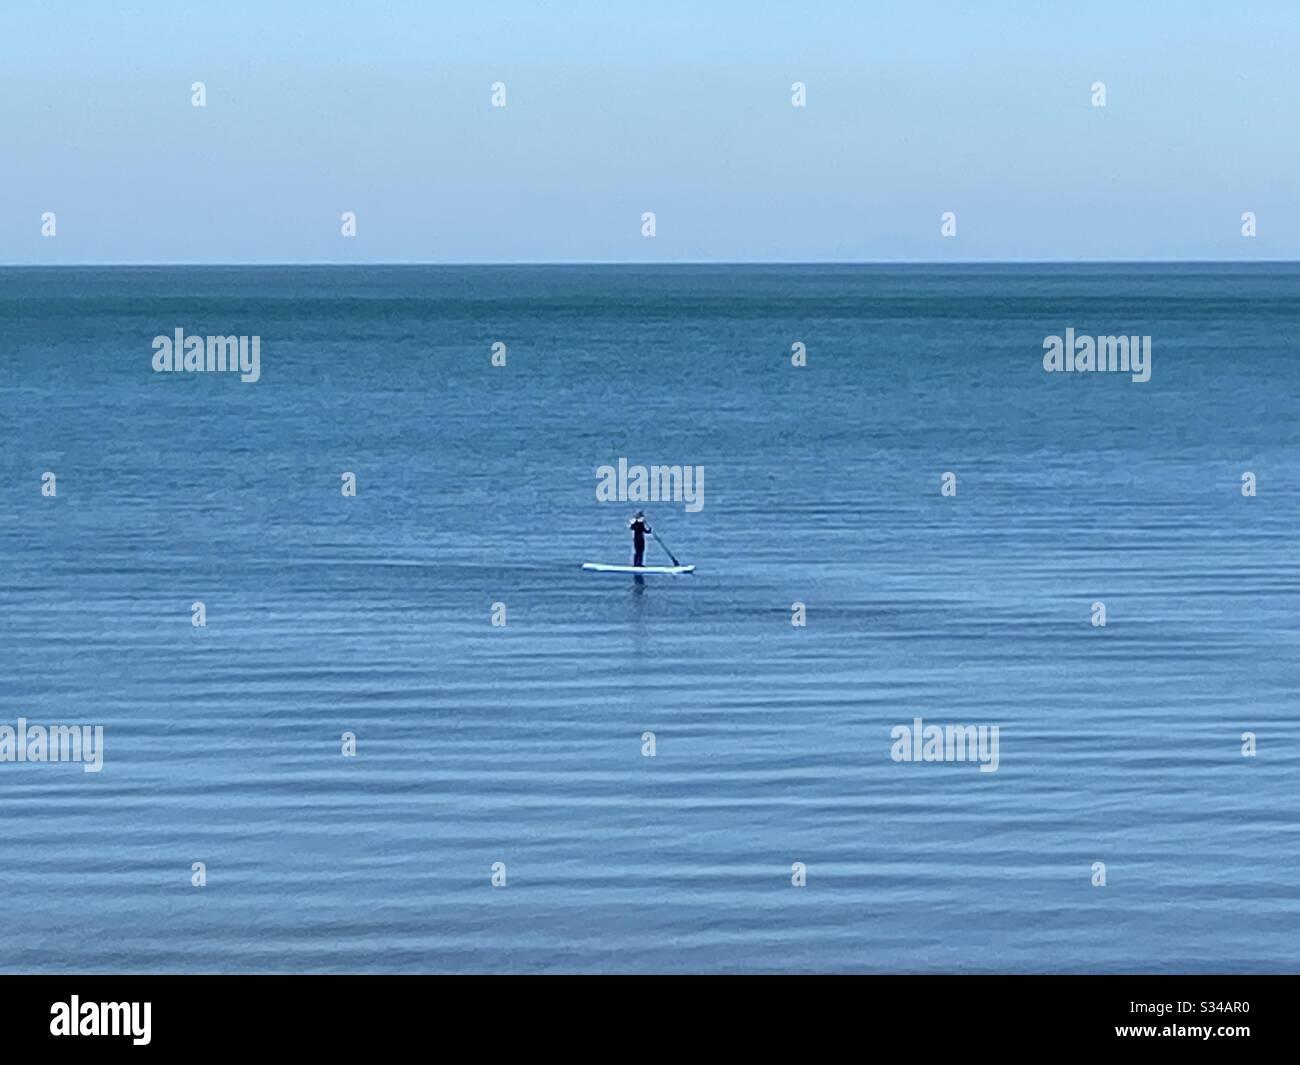 Aberystwyth, Galles occidentale, Regno Unito. Domenica 22 marzo 2020. News: Un pomeriggio caldo e soleggiato, una persona è visto paddleboarding la domenica madre, il mare è calmo e tranquillo.©️Rose Voon/Alamy Live News Foto Stock